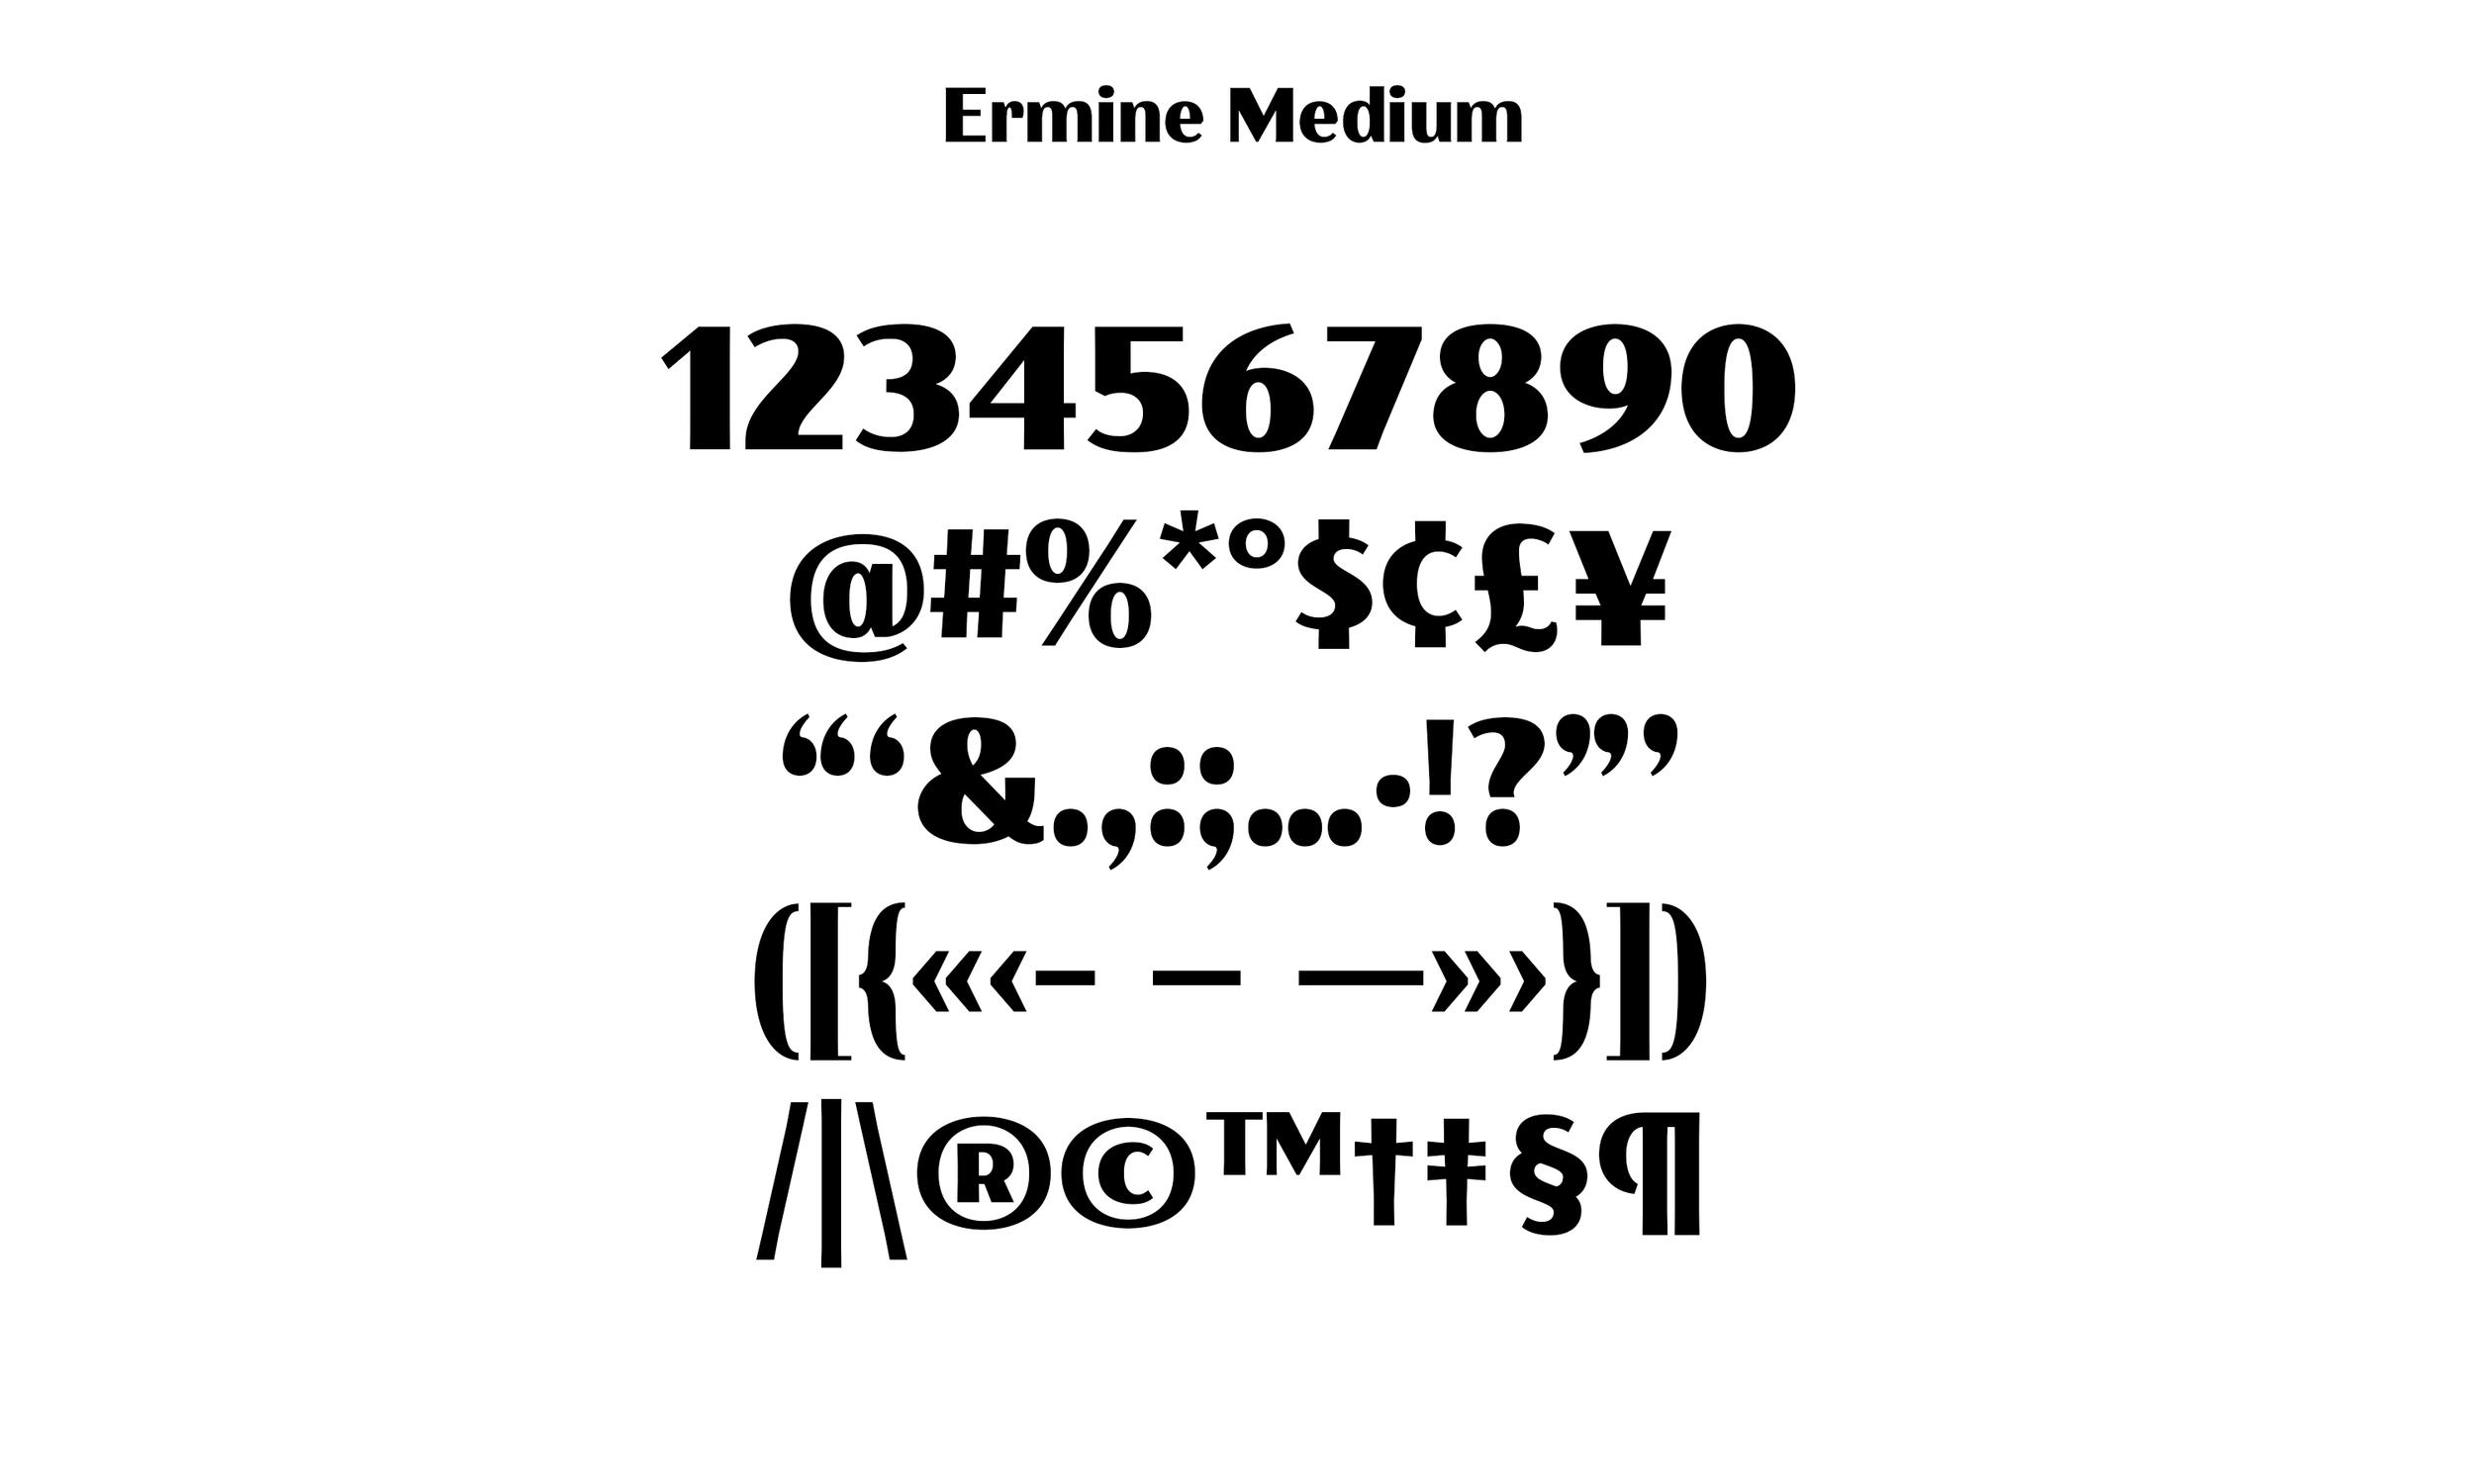 Badson_ErmineMedium_Slides7.jpg